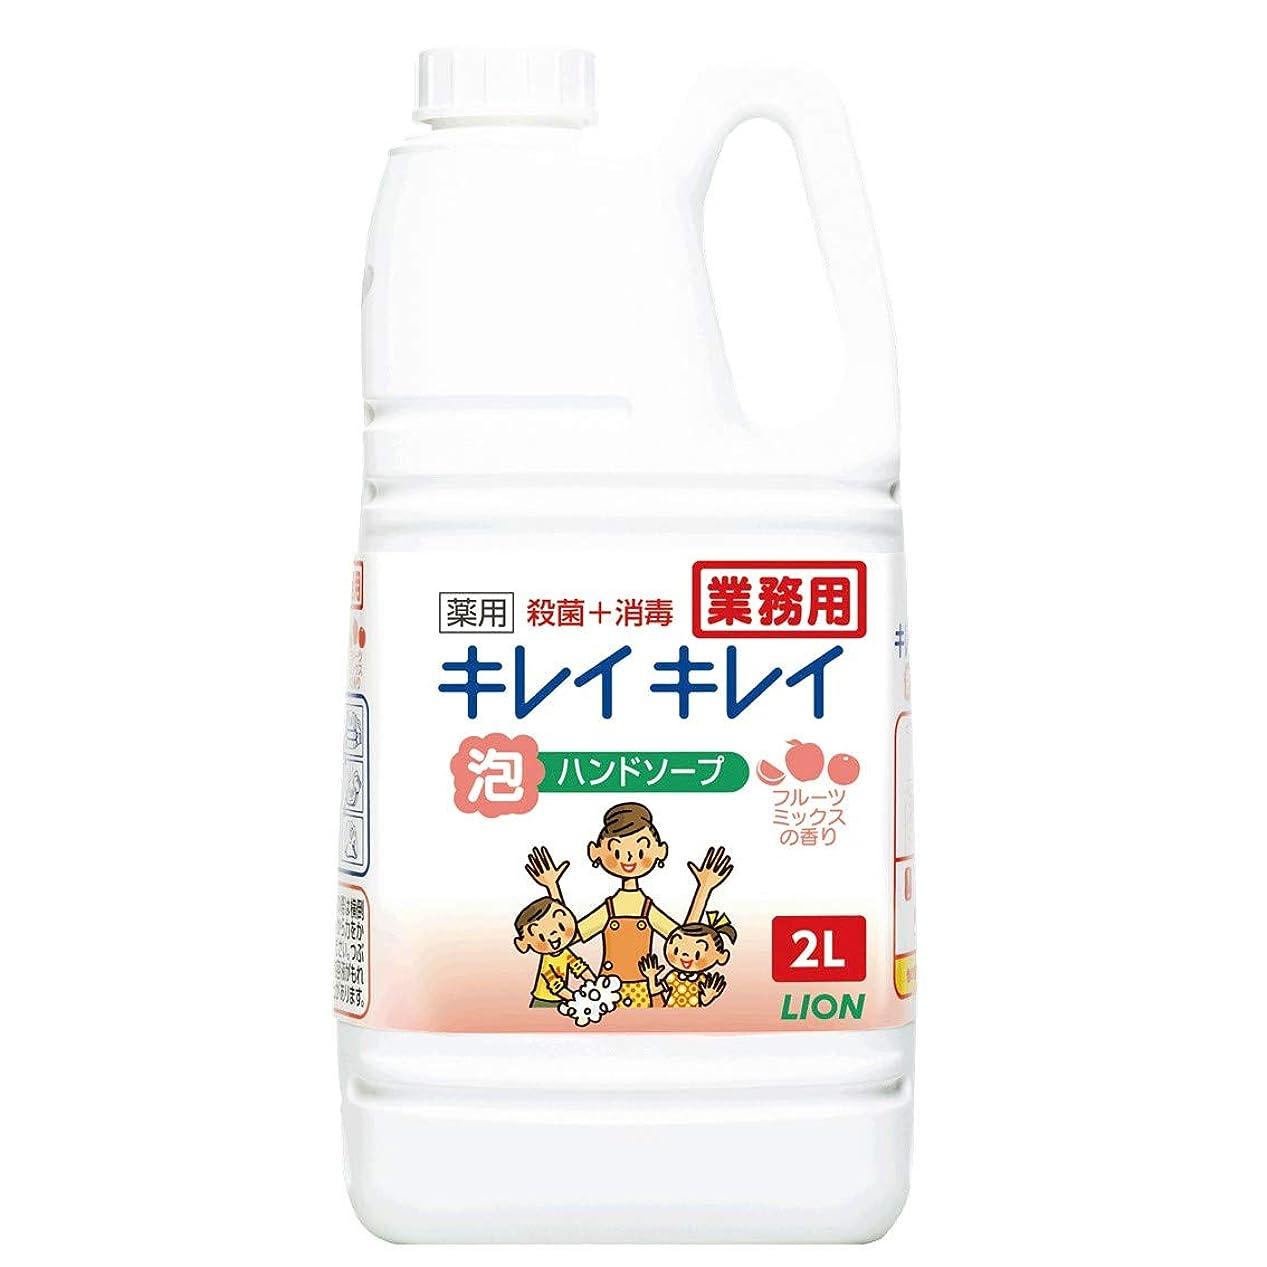 口ひげおもてなし憂慮すべき【大容量】キレイキレイ 薬用泡ハンドソープ フルーツミックスの香り 2L